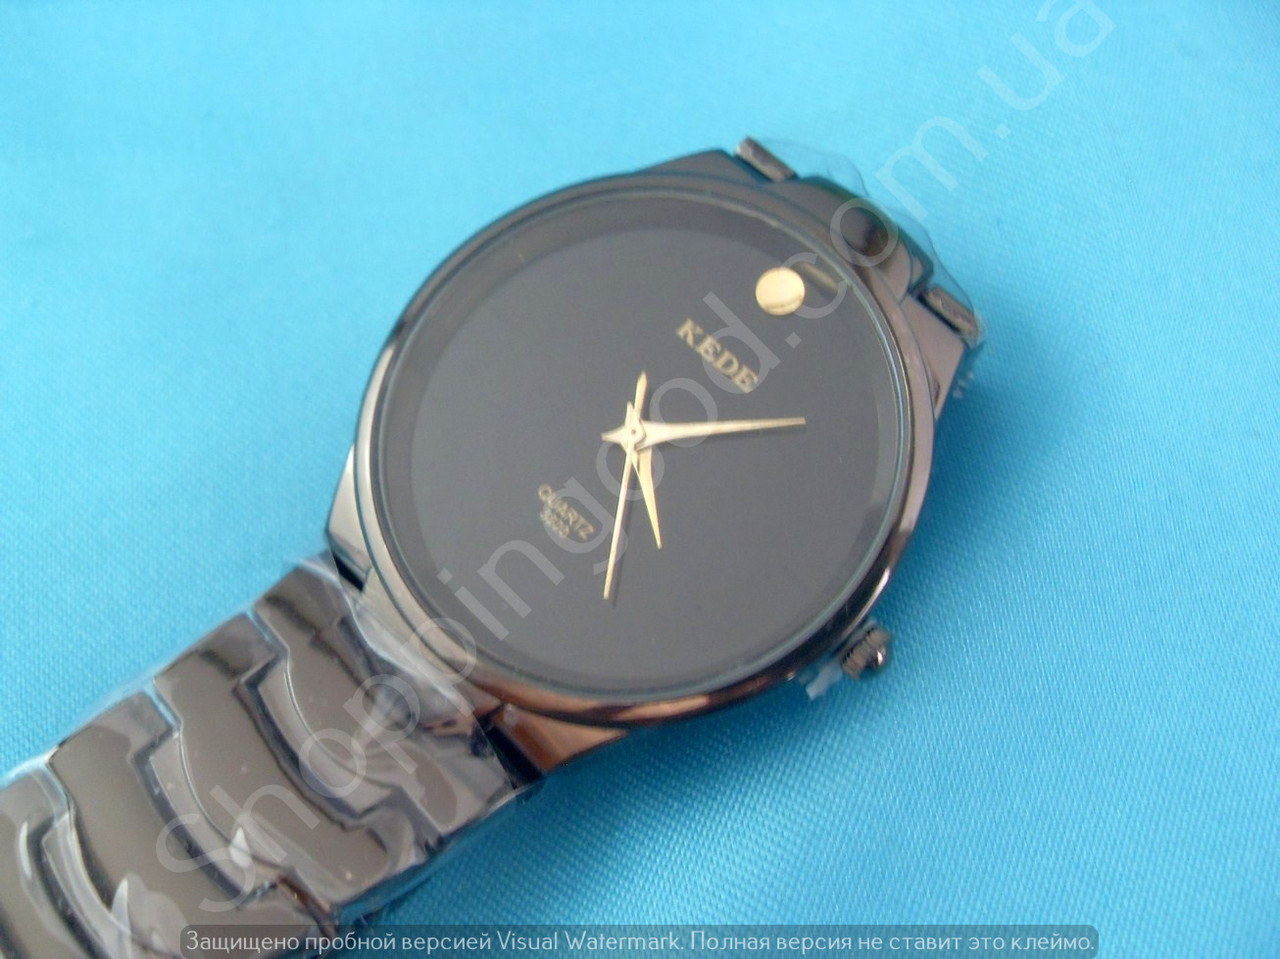 Часы Kede 3220 114322 черные мужские круглые темная сталь диаметр 35 мм - Shoppingood в Харькове